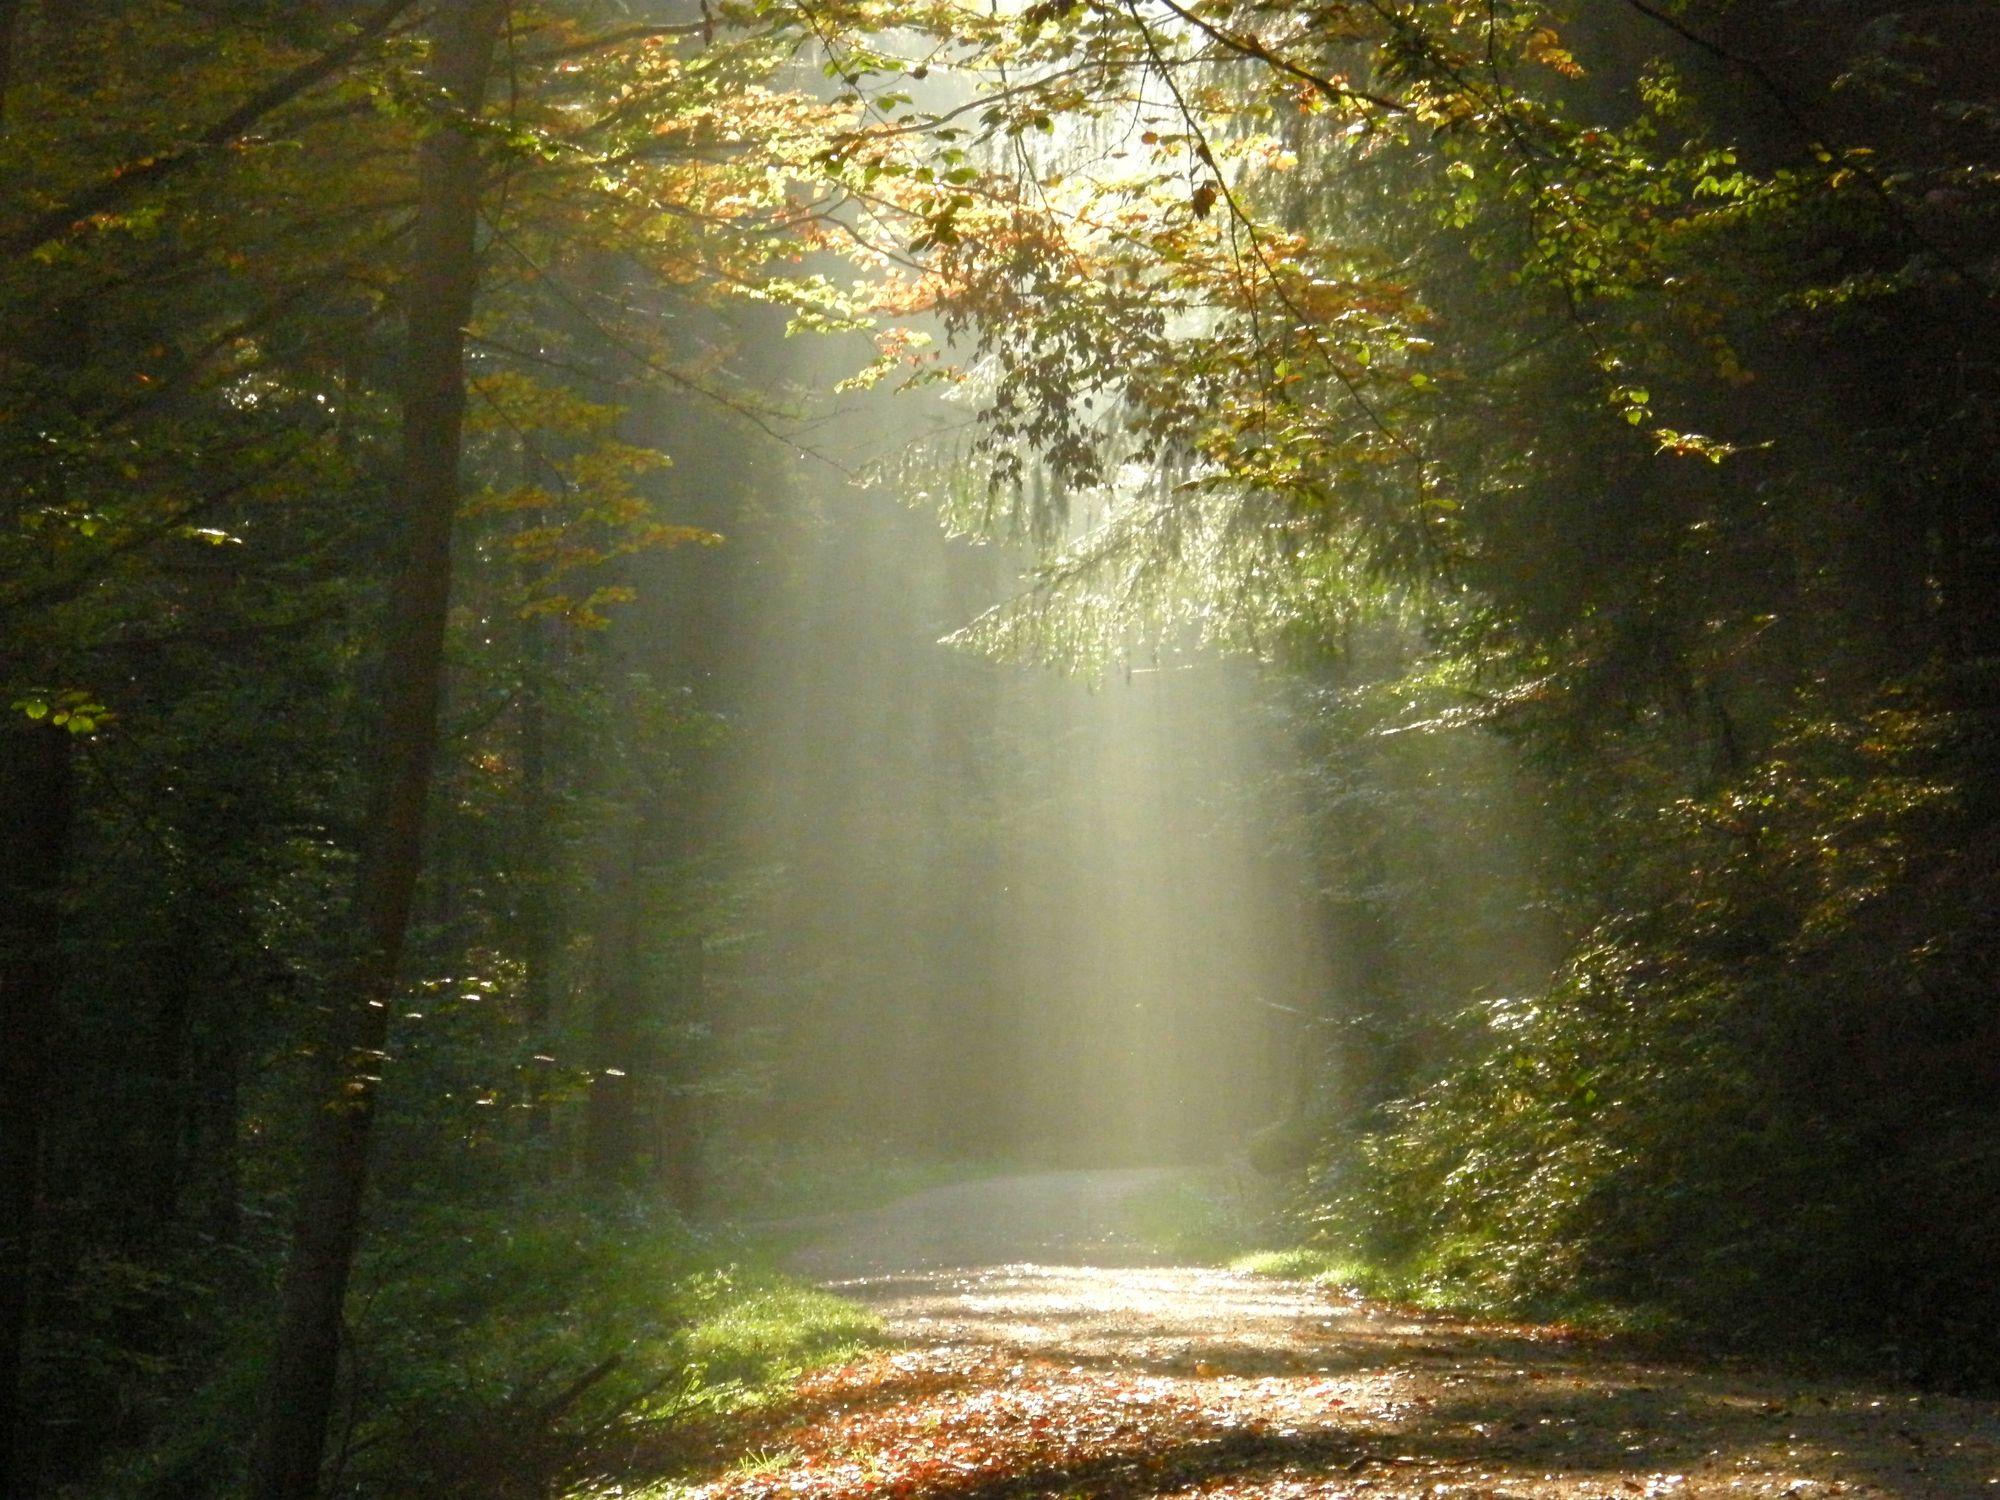 Bild mit Natur, Wälder, Wege, Wald, Lichtung, Weg, Spaziergang, Strahlen, spaziergänge